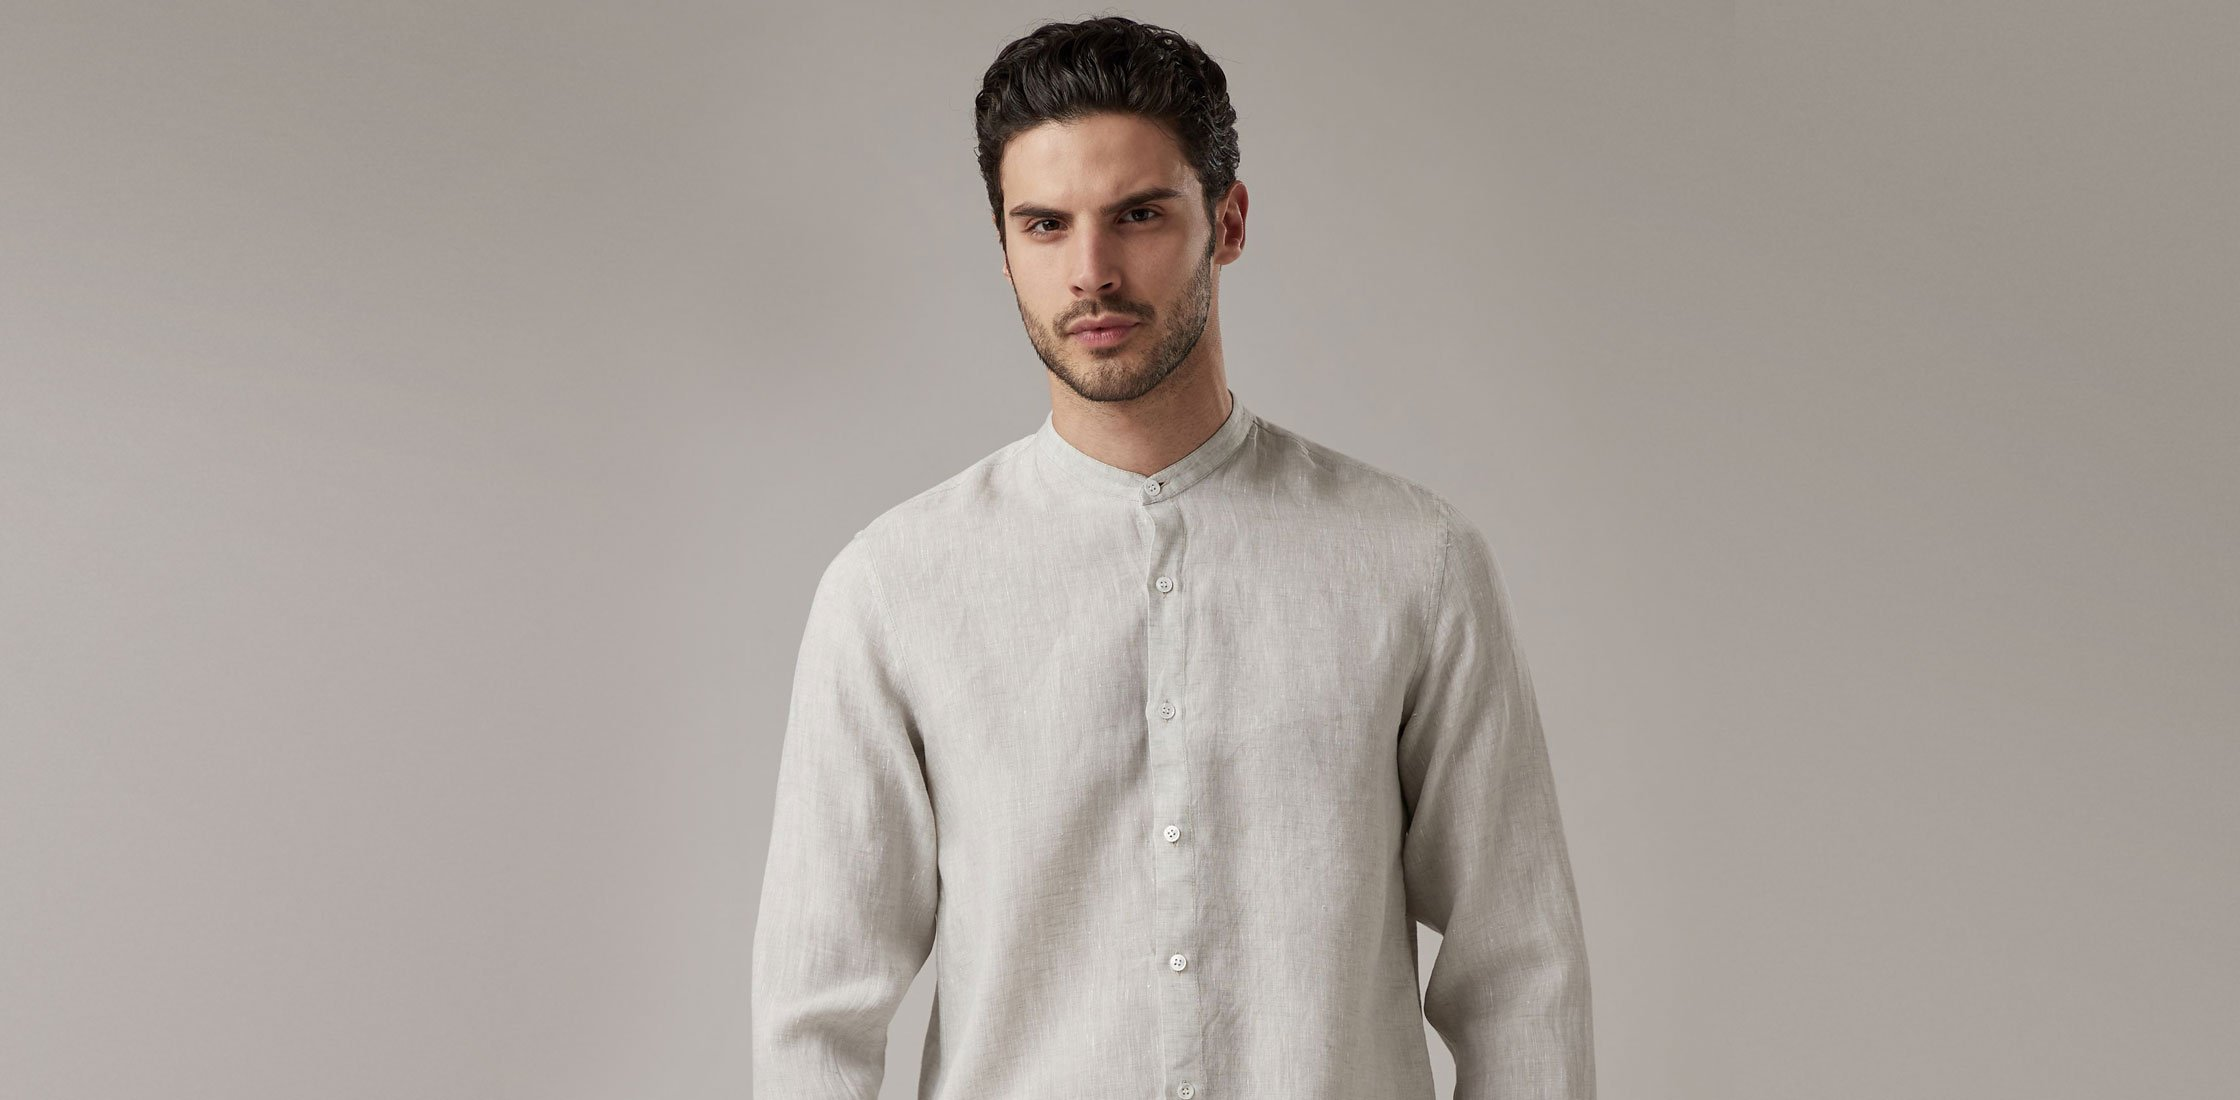 Актуально сейчас: одежда из льна